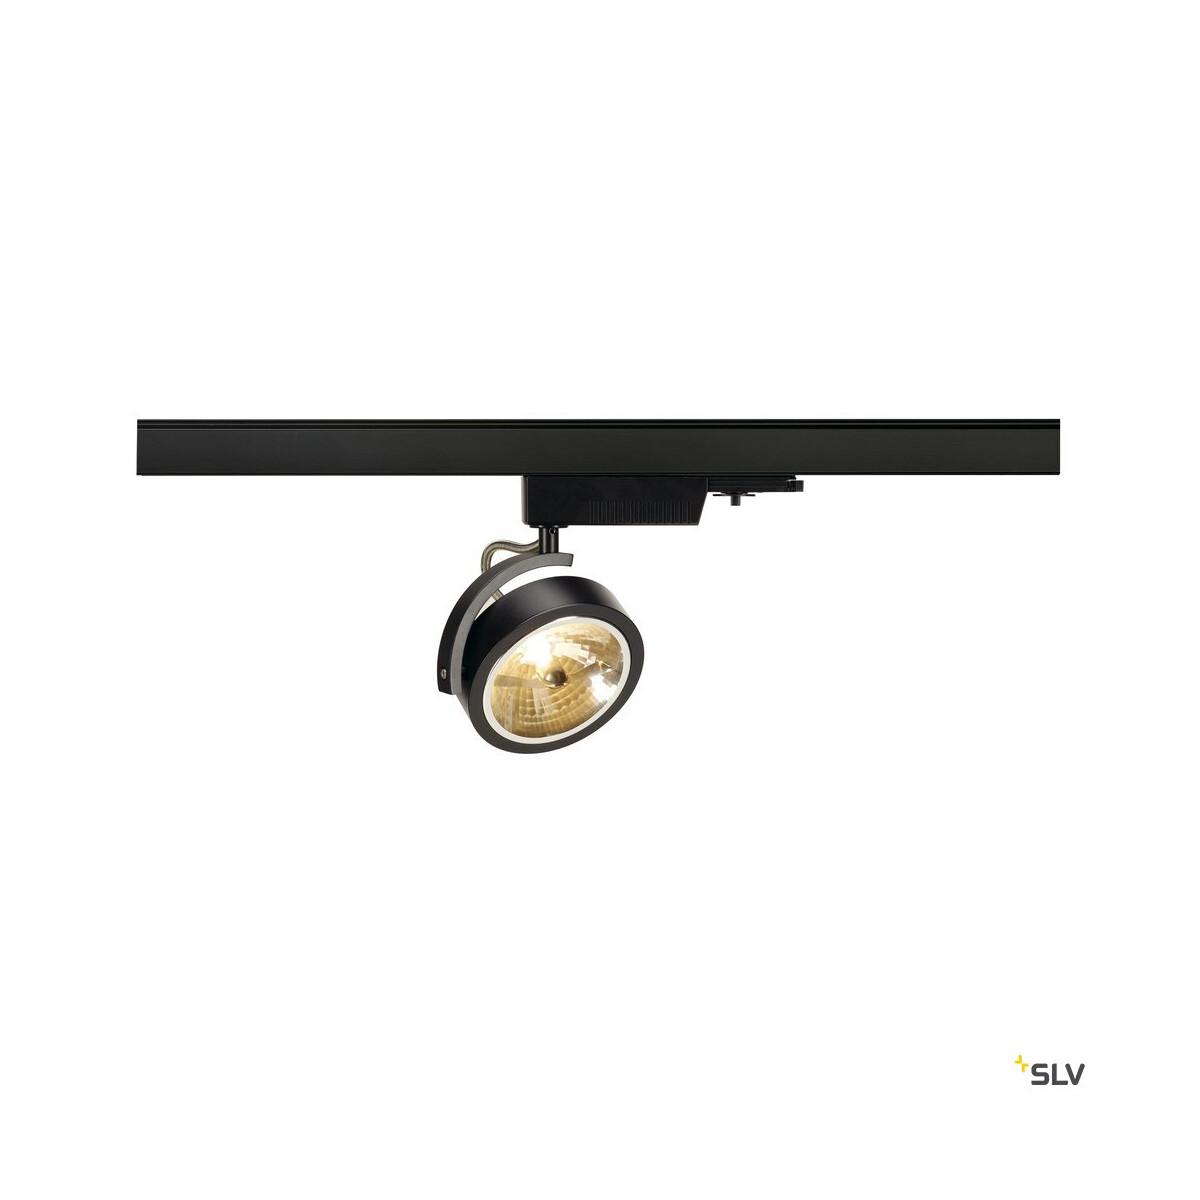 kalu track qrb111 schwarz inkl 3 p adapter slv 153580 77 99. Black Bedroom Furniture Sets. Home Design Ideas